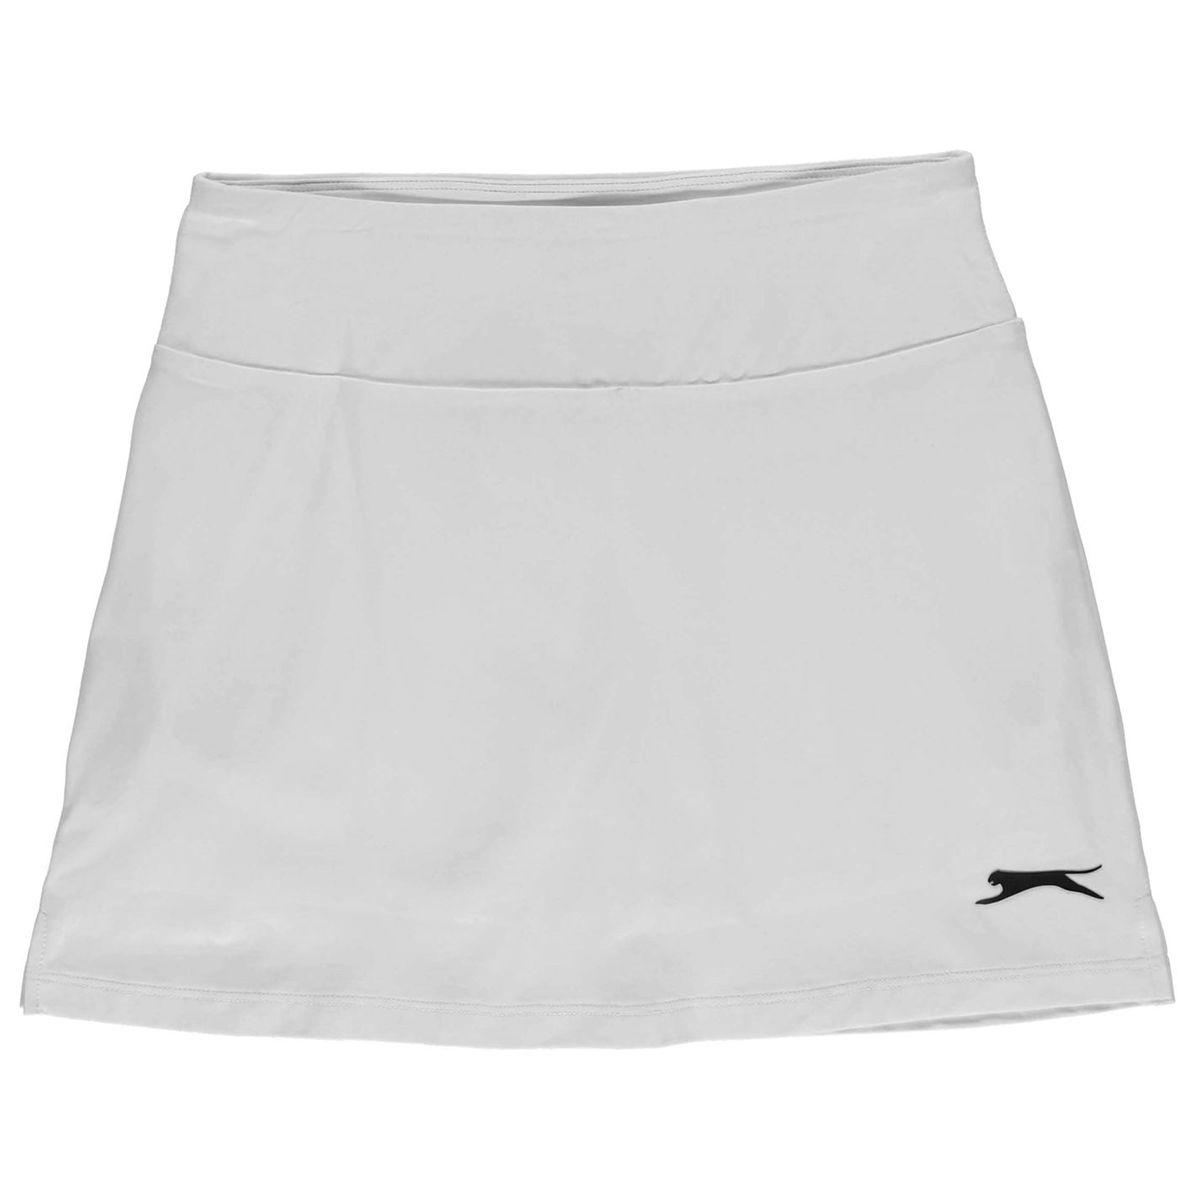 Skort jupe-short de tennis